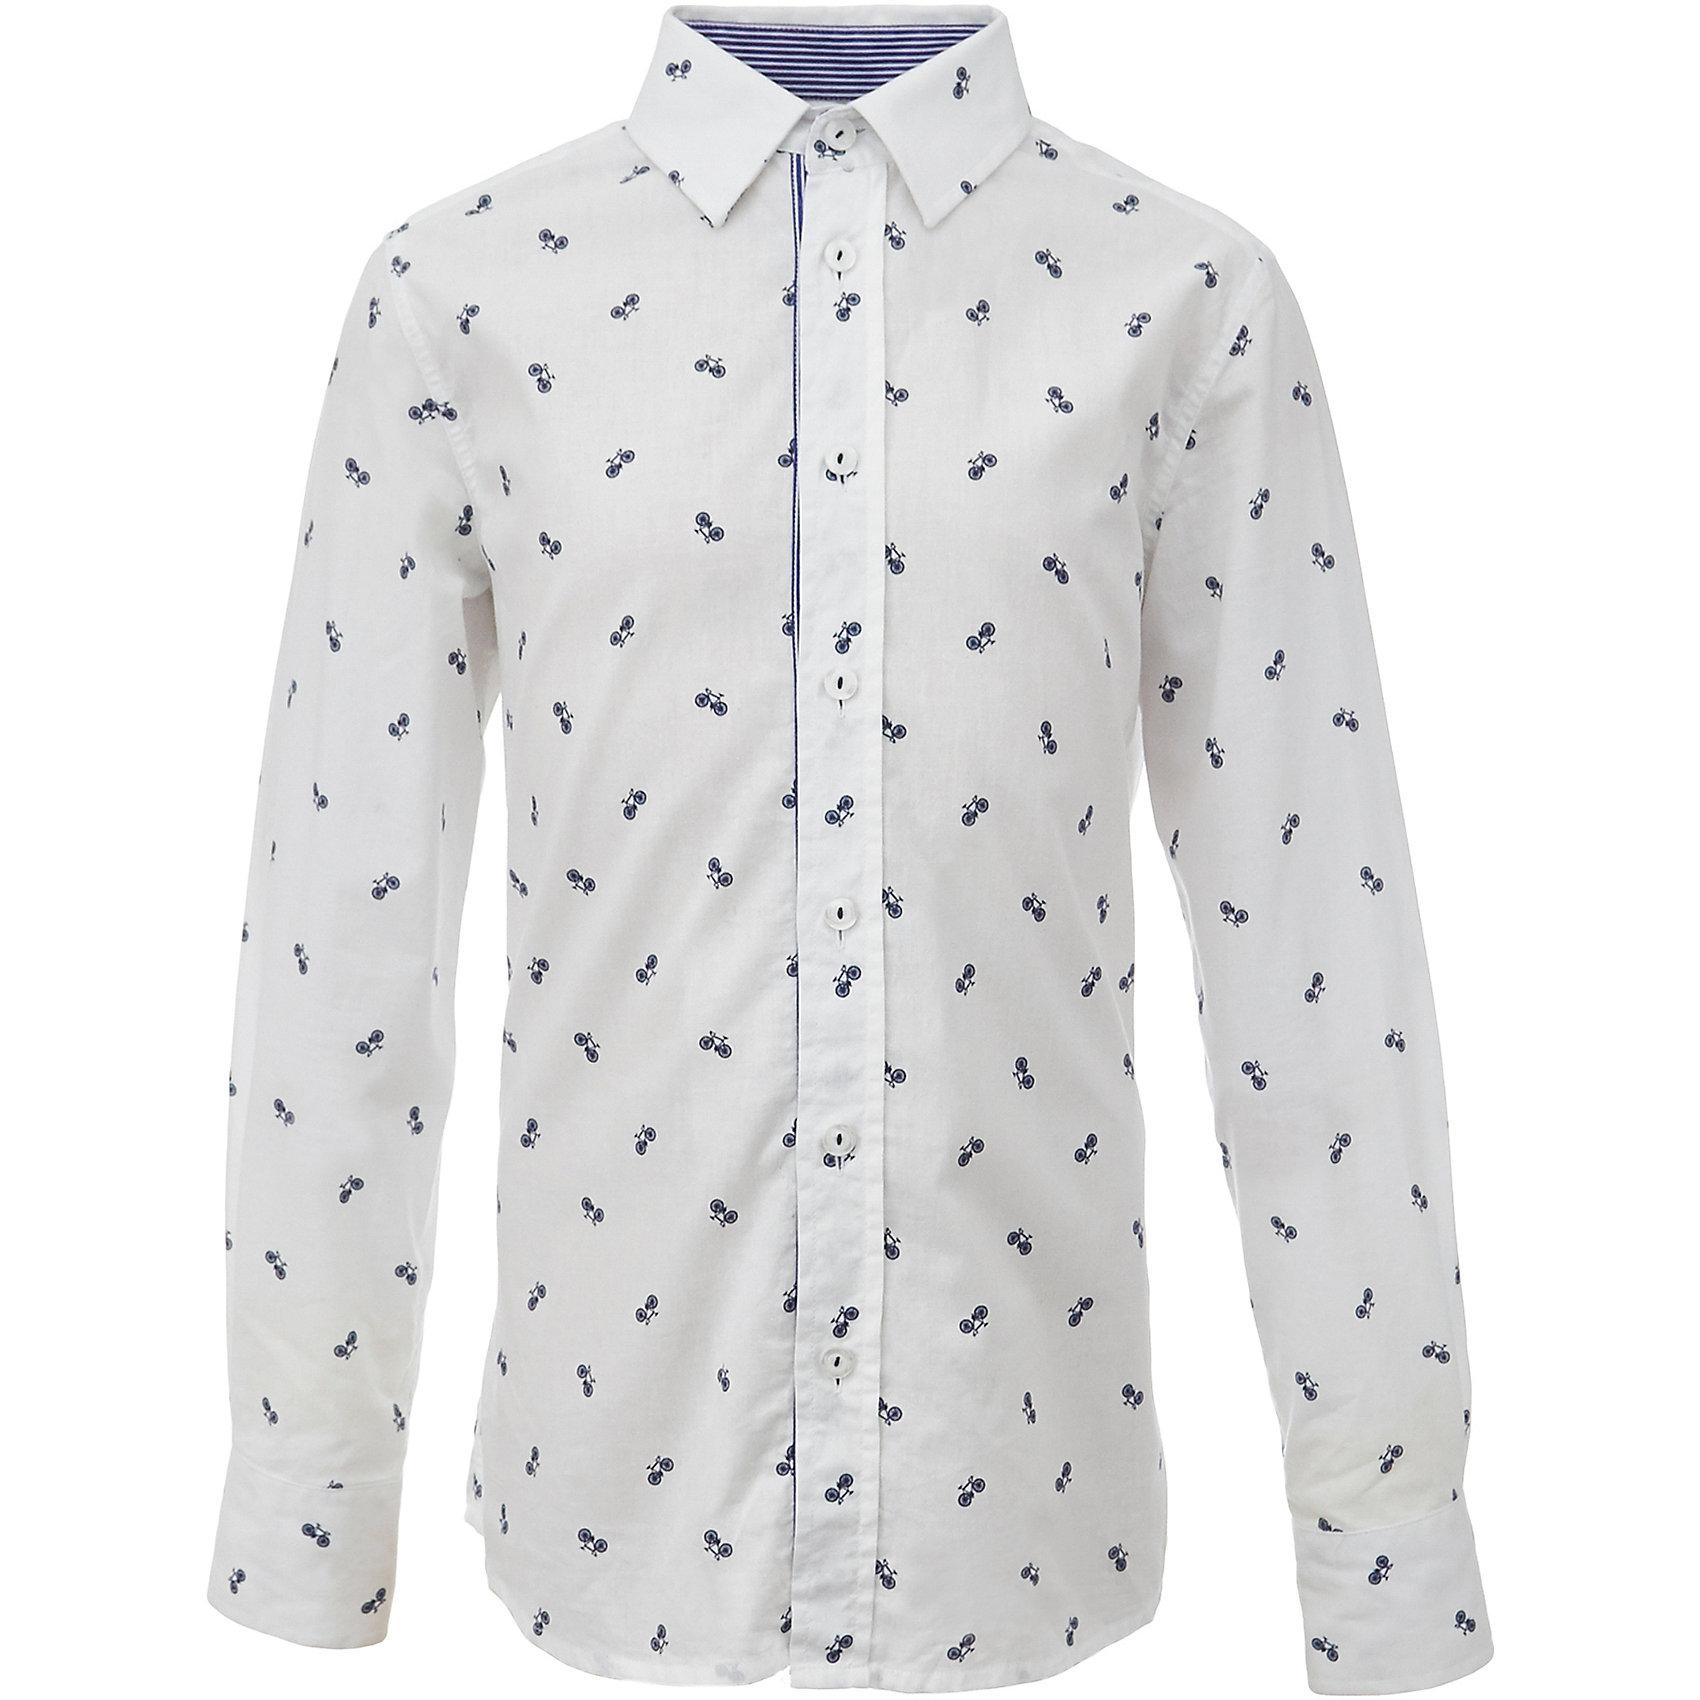 Рубашка для мальчика GulliverБлузки и рубашки<br>При всем богатстве выбора, купить рубашку для мальчика высокого качества не очень просто. Школьная рубашка должна отлично выглядеть, хорошо сидеть, соответствовать актуальной форме, быть всегда свежей, выглаженной и опрятной. Именно поэтому состав, плотность и текстура материала имеет большое значение! Рубашка с мелким рисунком - тренд сезона! Она не нарушает школьный дресс код, но делает повседневный look ярче и интереснее, создавая позитивное настроение. Хорошая школьная рубашка сделает каждый день ребенка комфортным.<br>Состав:<br>80% хлопок          20% полиэстер<br><br>Ширина мм: 174<br>Глубина мм: 10<br>Высота мм: 169<br>Вес г: 157<br>Цвет: белый<br>Возраст от месяцев: 168<br>Возраст до месяцев: 180<br>Пол: Мужской<br>Возраст: Детский<br>Размер: 170,122,128,134,140,146,152,158,164<br>SKU: 6678406